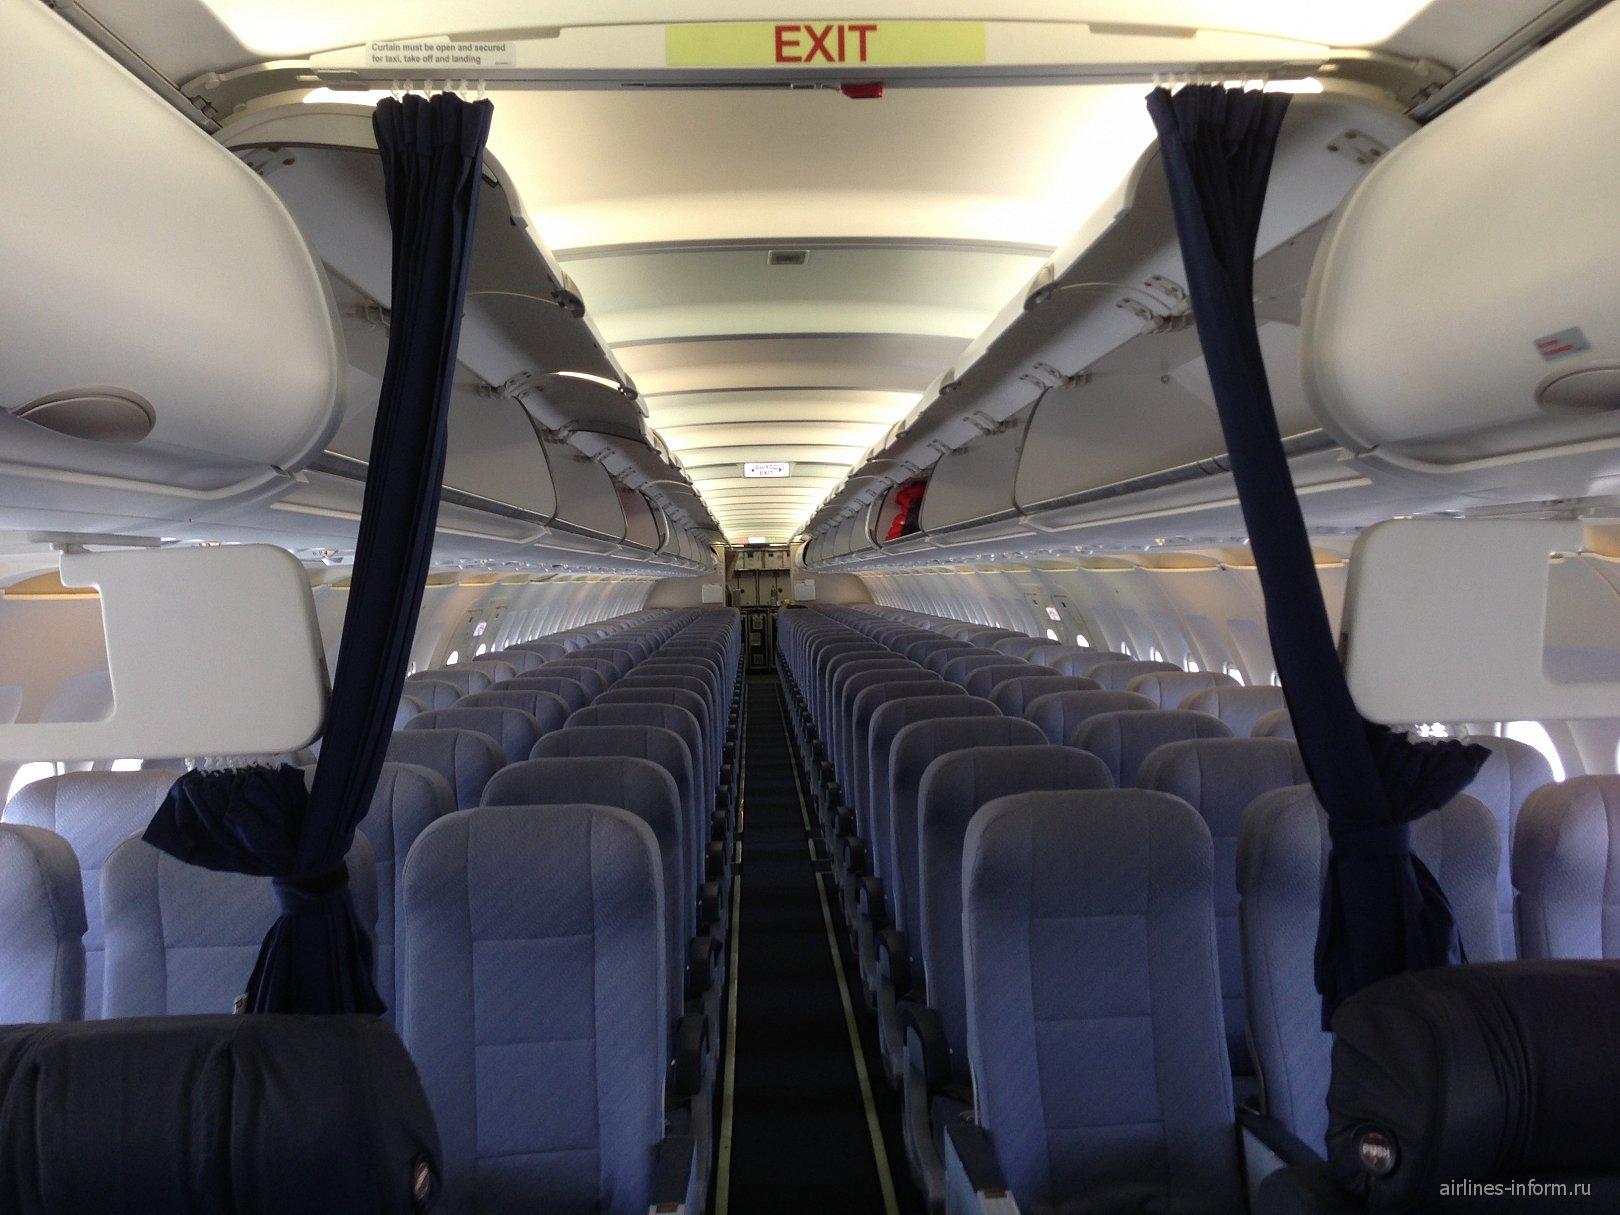 Пассажирские кресла в самолете Airbus A320 авиакомпании Nordwind